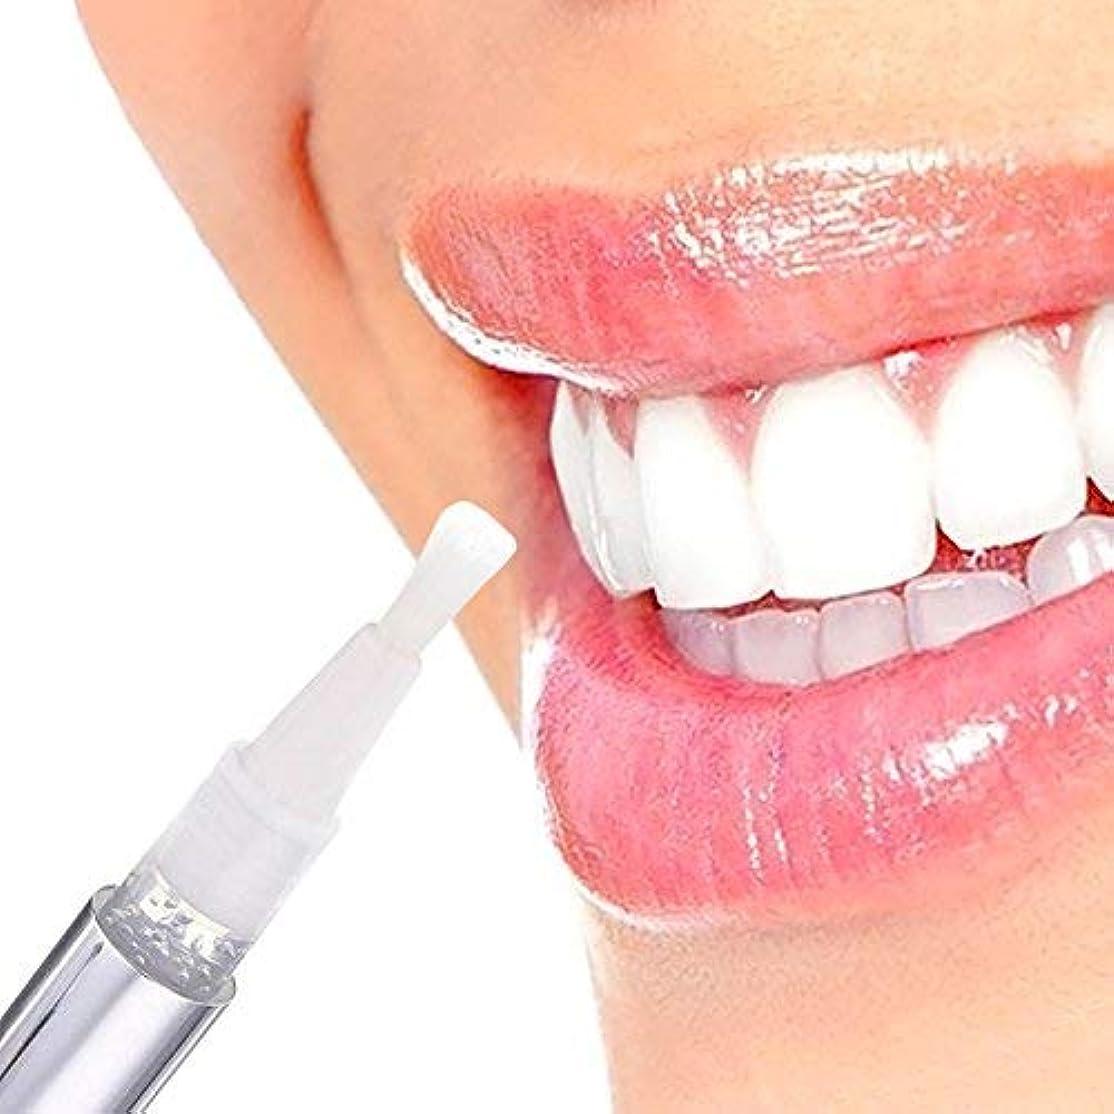 馬鹿不安定な単調なNat 1PCS Hot Creative Effective Teeth Whitening Pen Tooth Gel Whitener Bleach Stain Eraser Sexy Celebrity Smile...